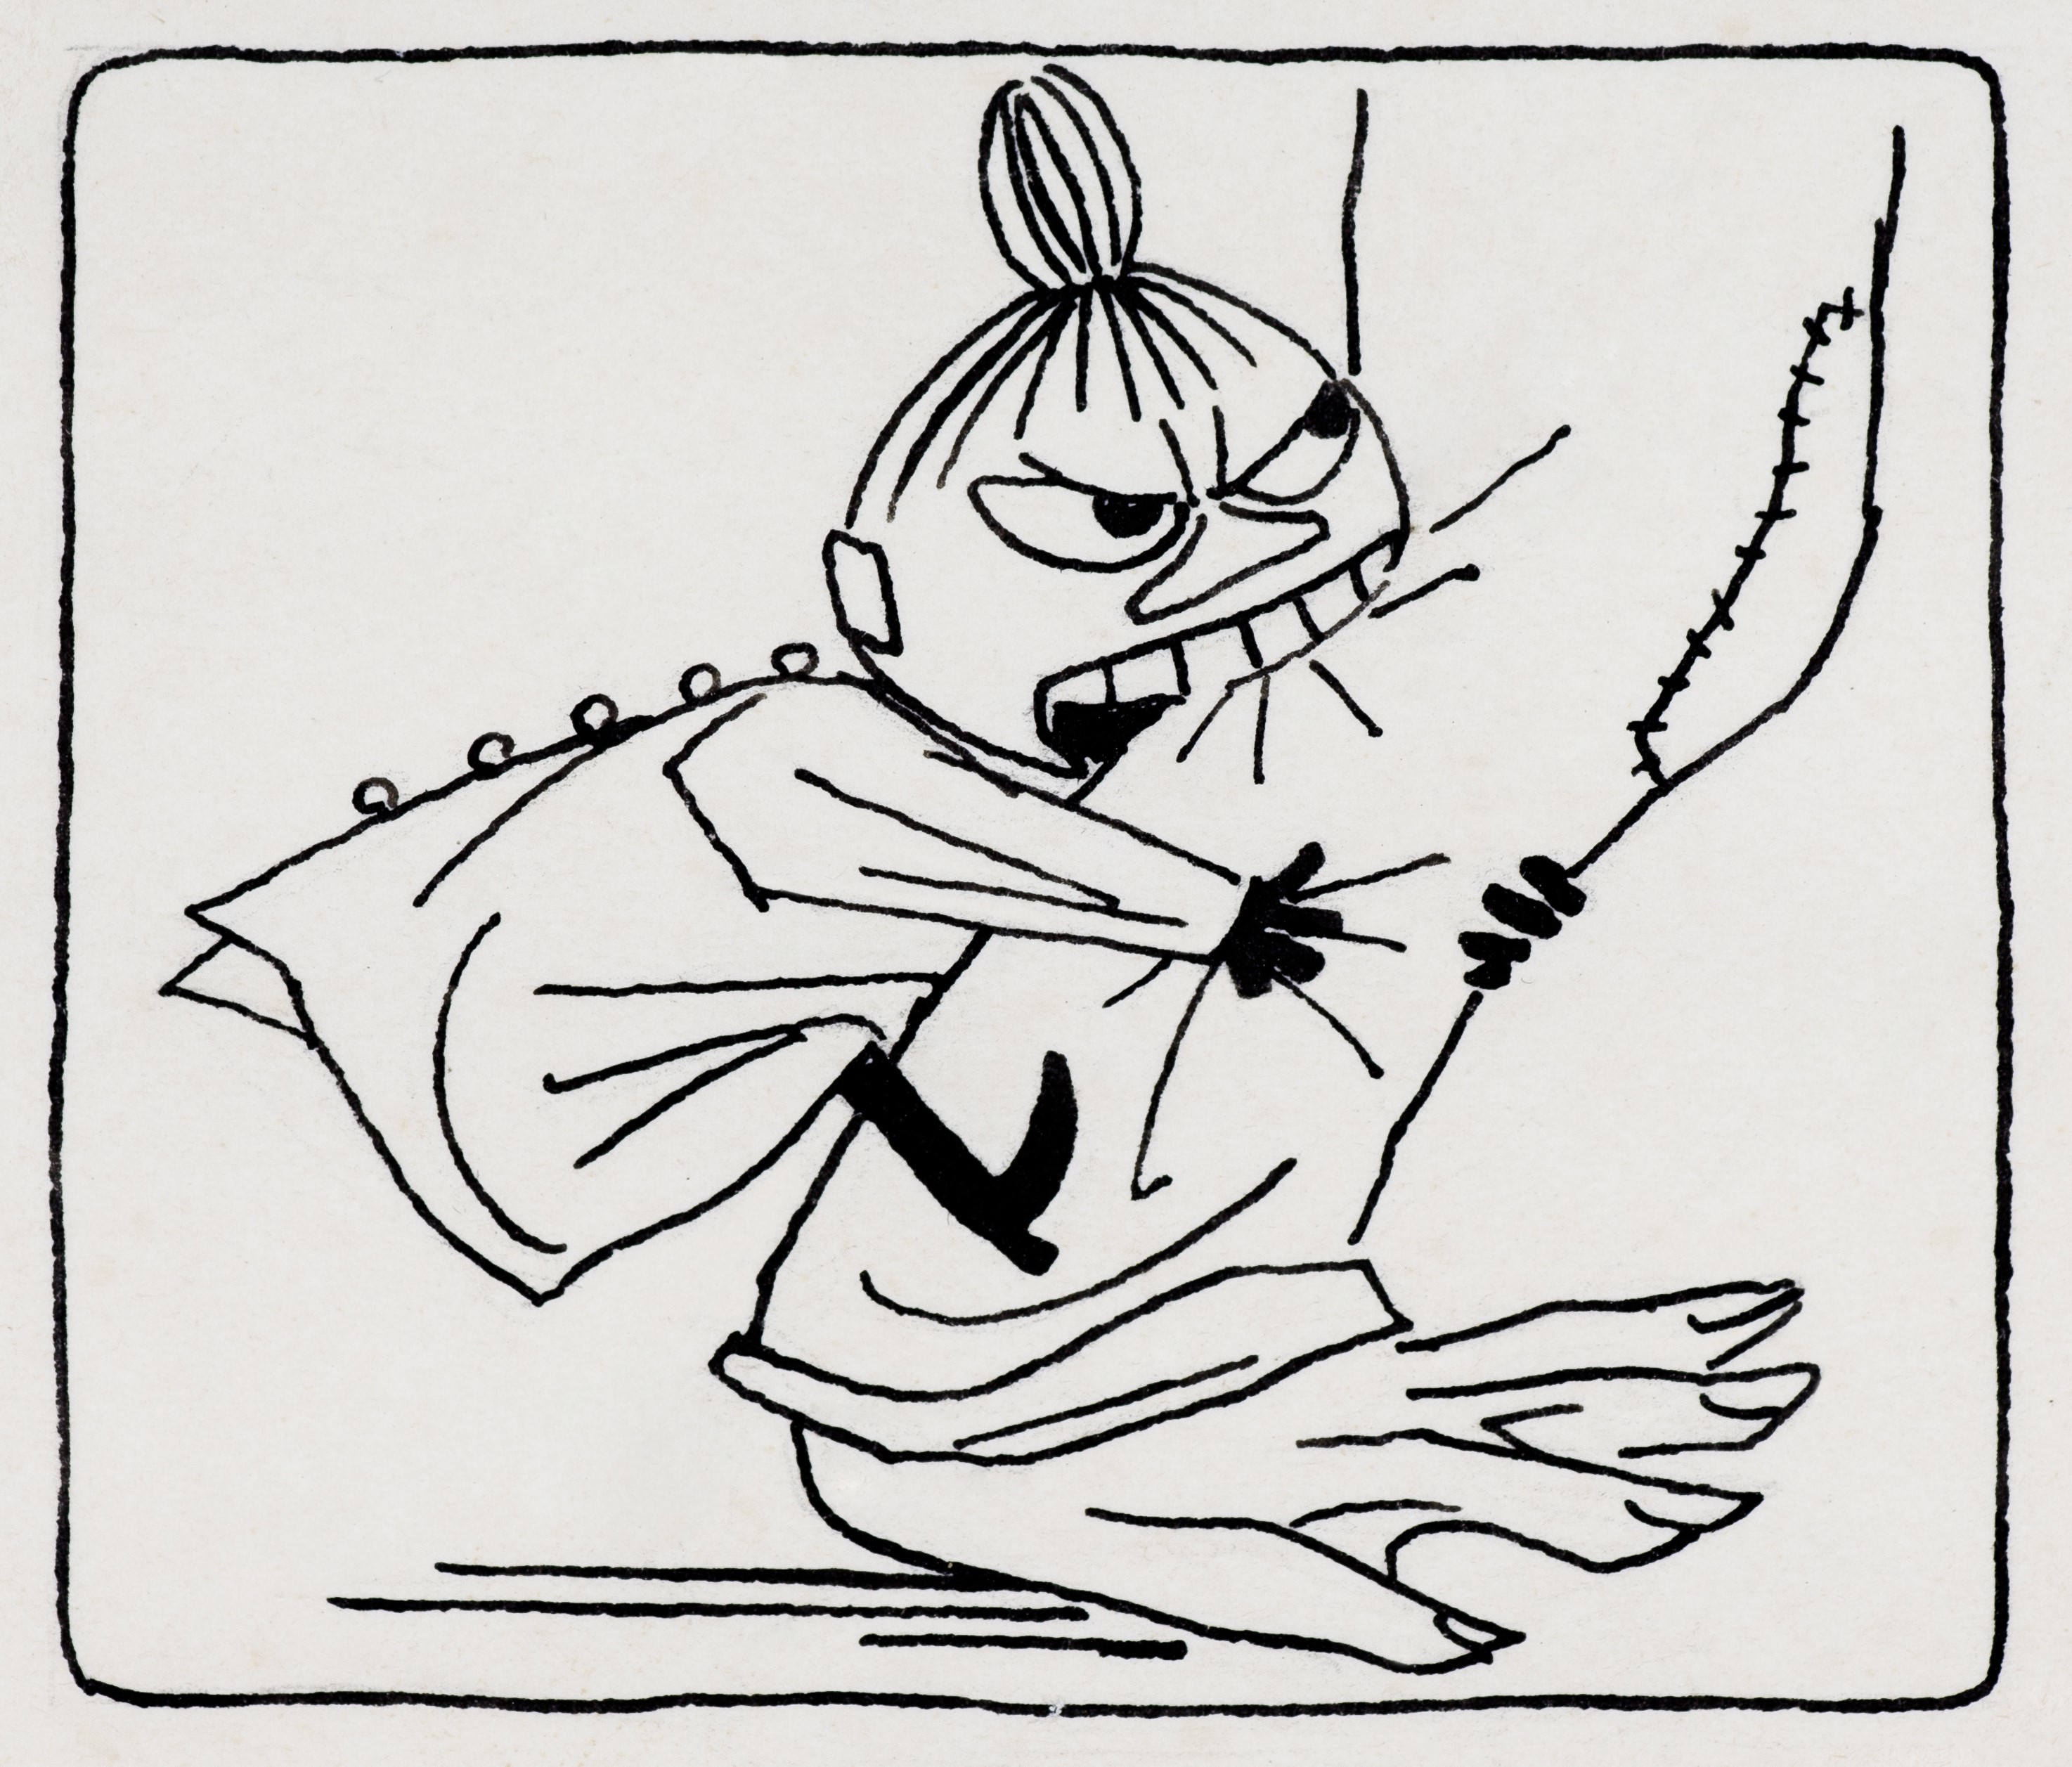 トーベ・ヤンソン≪「ムーミン谷の夏まつり」挿絵≫1954年 インク・紙 ムーミン美術館 (C)Moomin Characters TM